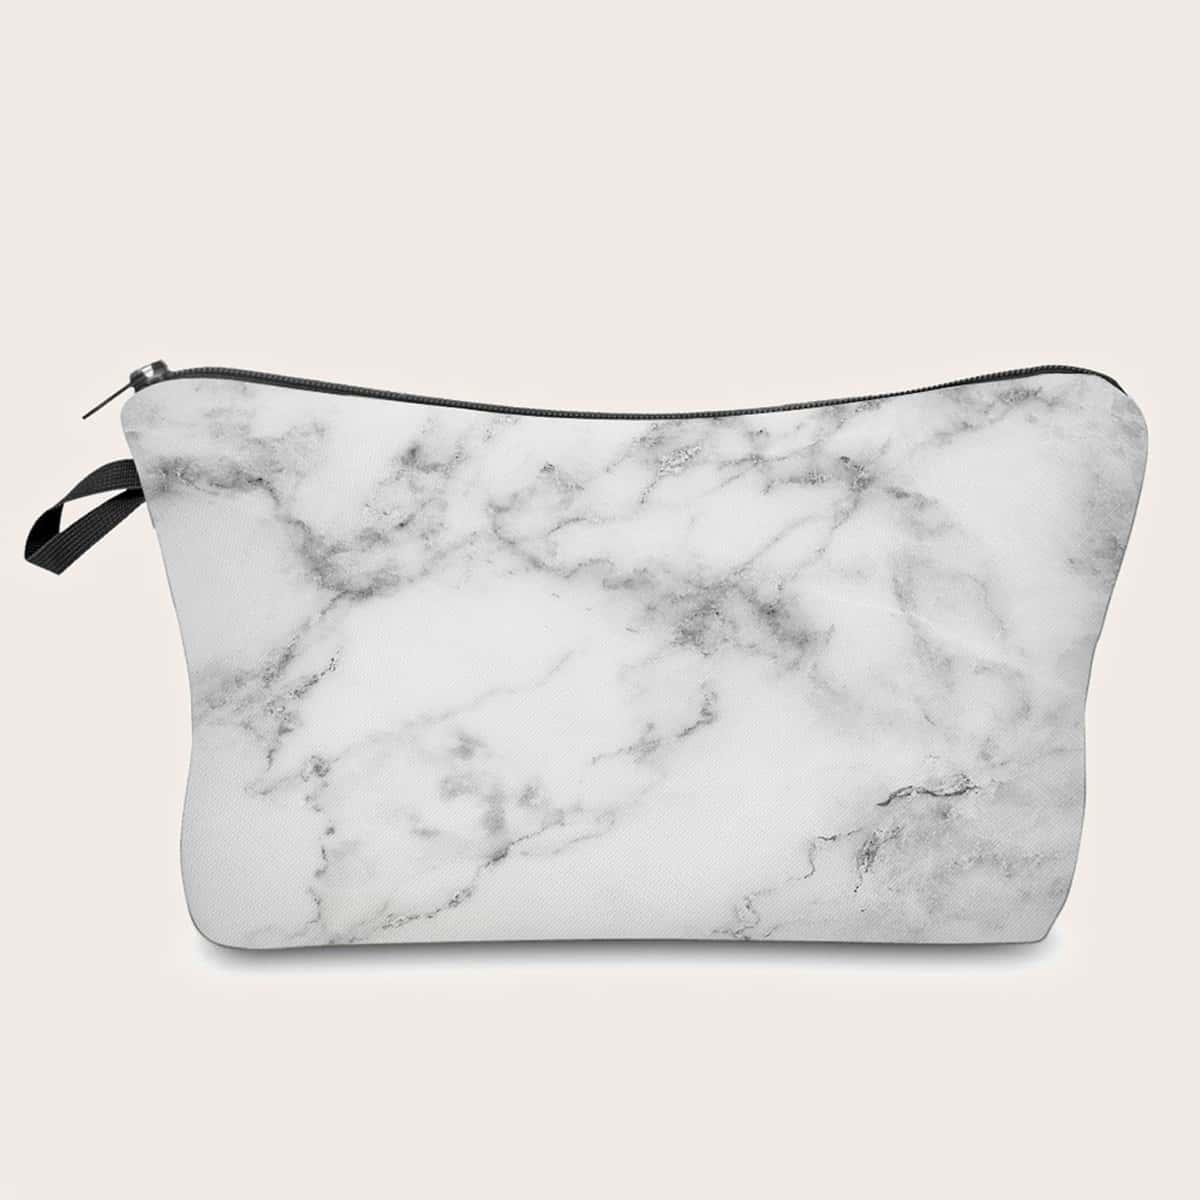 Косметическая сумка с мраморным узором